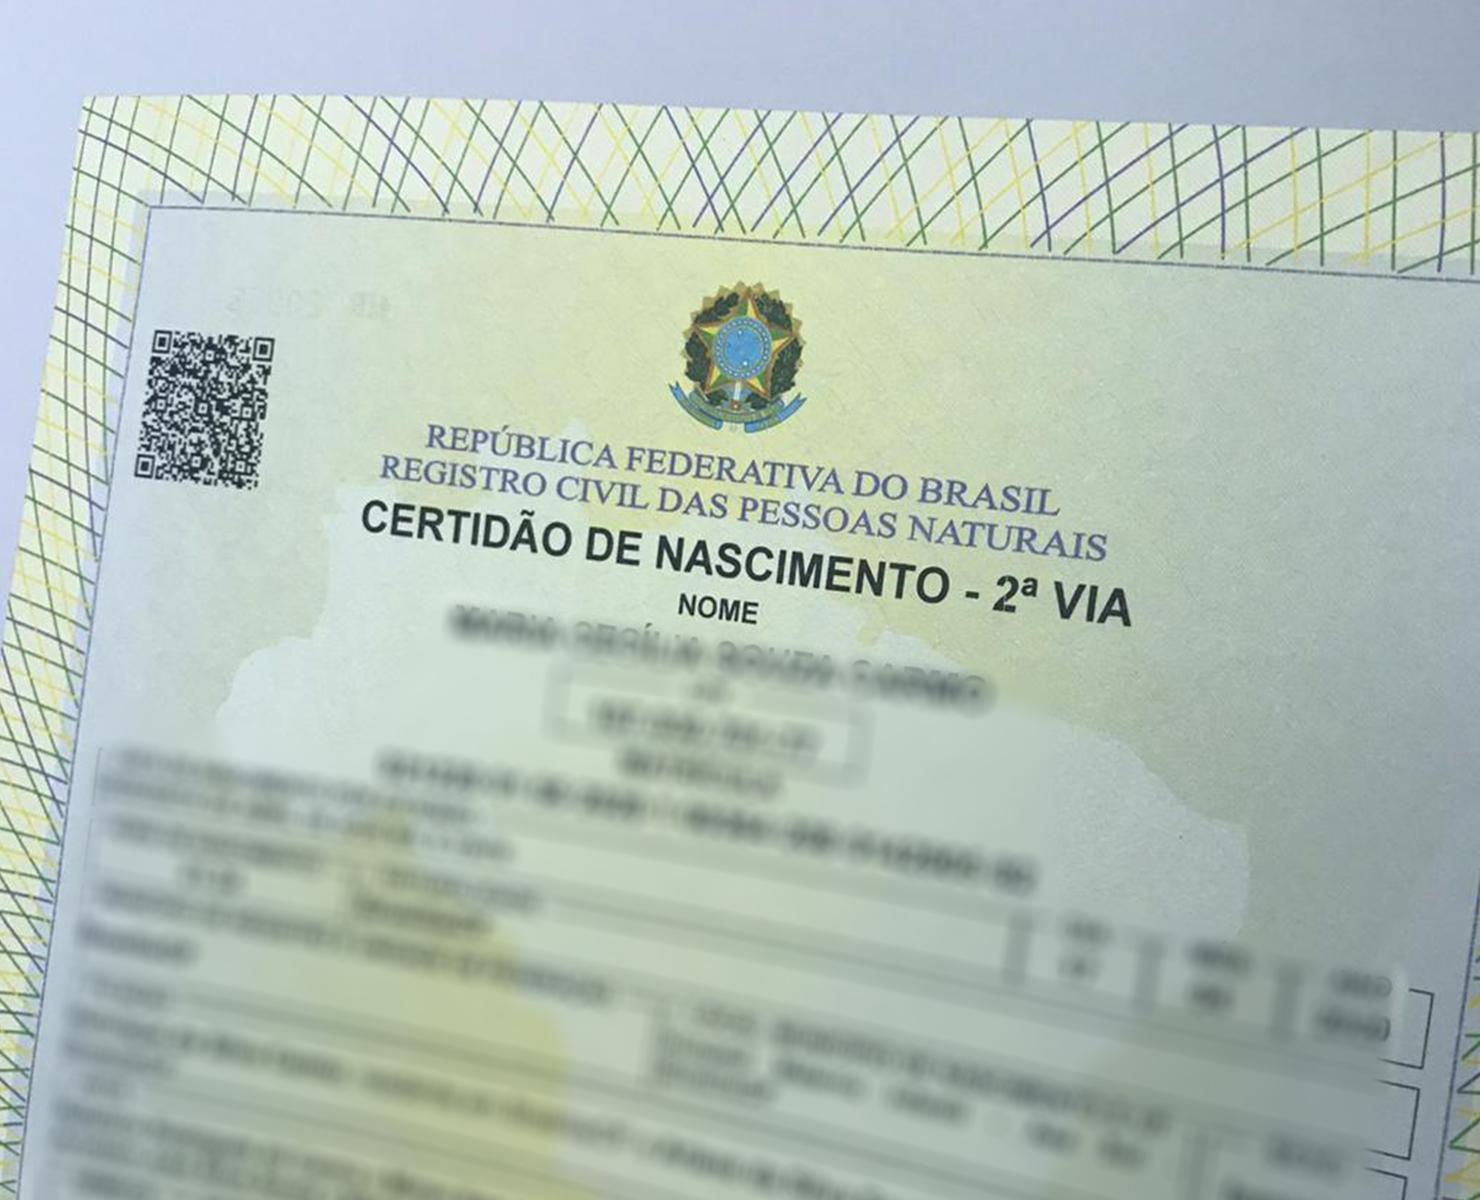 CERTIDÃO DE NASCIMENTO: DOCUMENTO SERÁ FEITO EM HOSPITAL